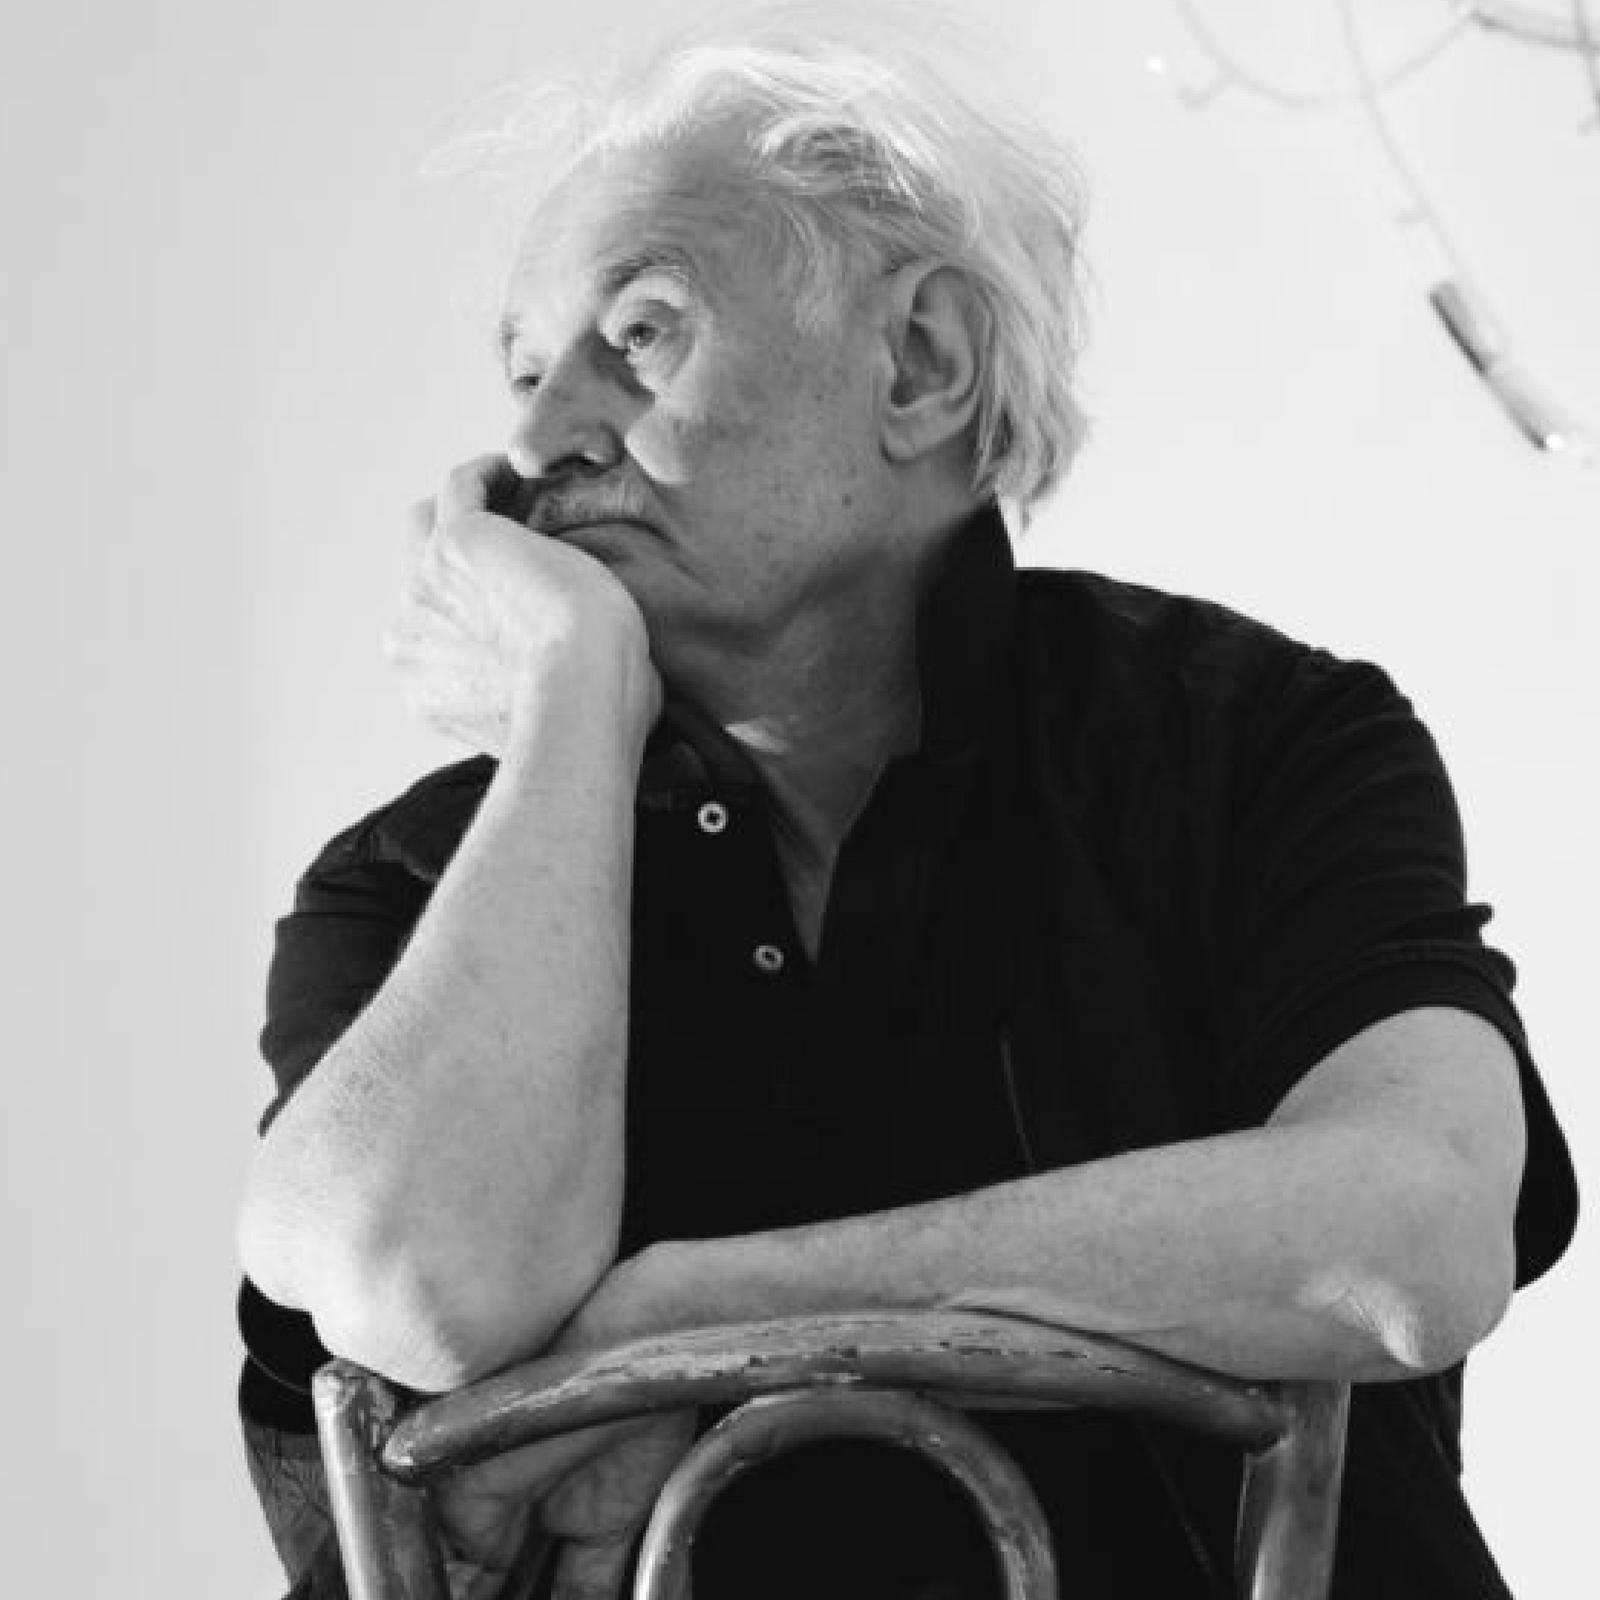 Keith-Sonnier-Aufmacher-© Geordie Wood.jpg